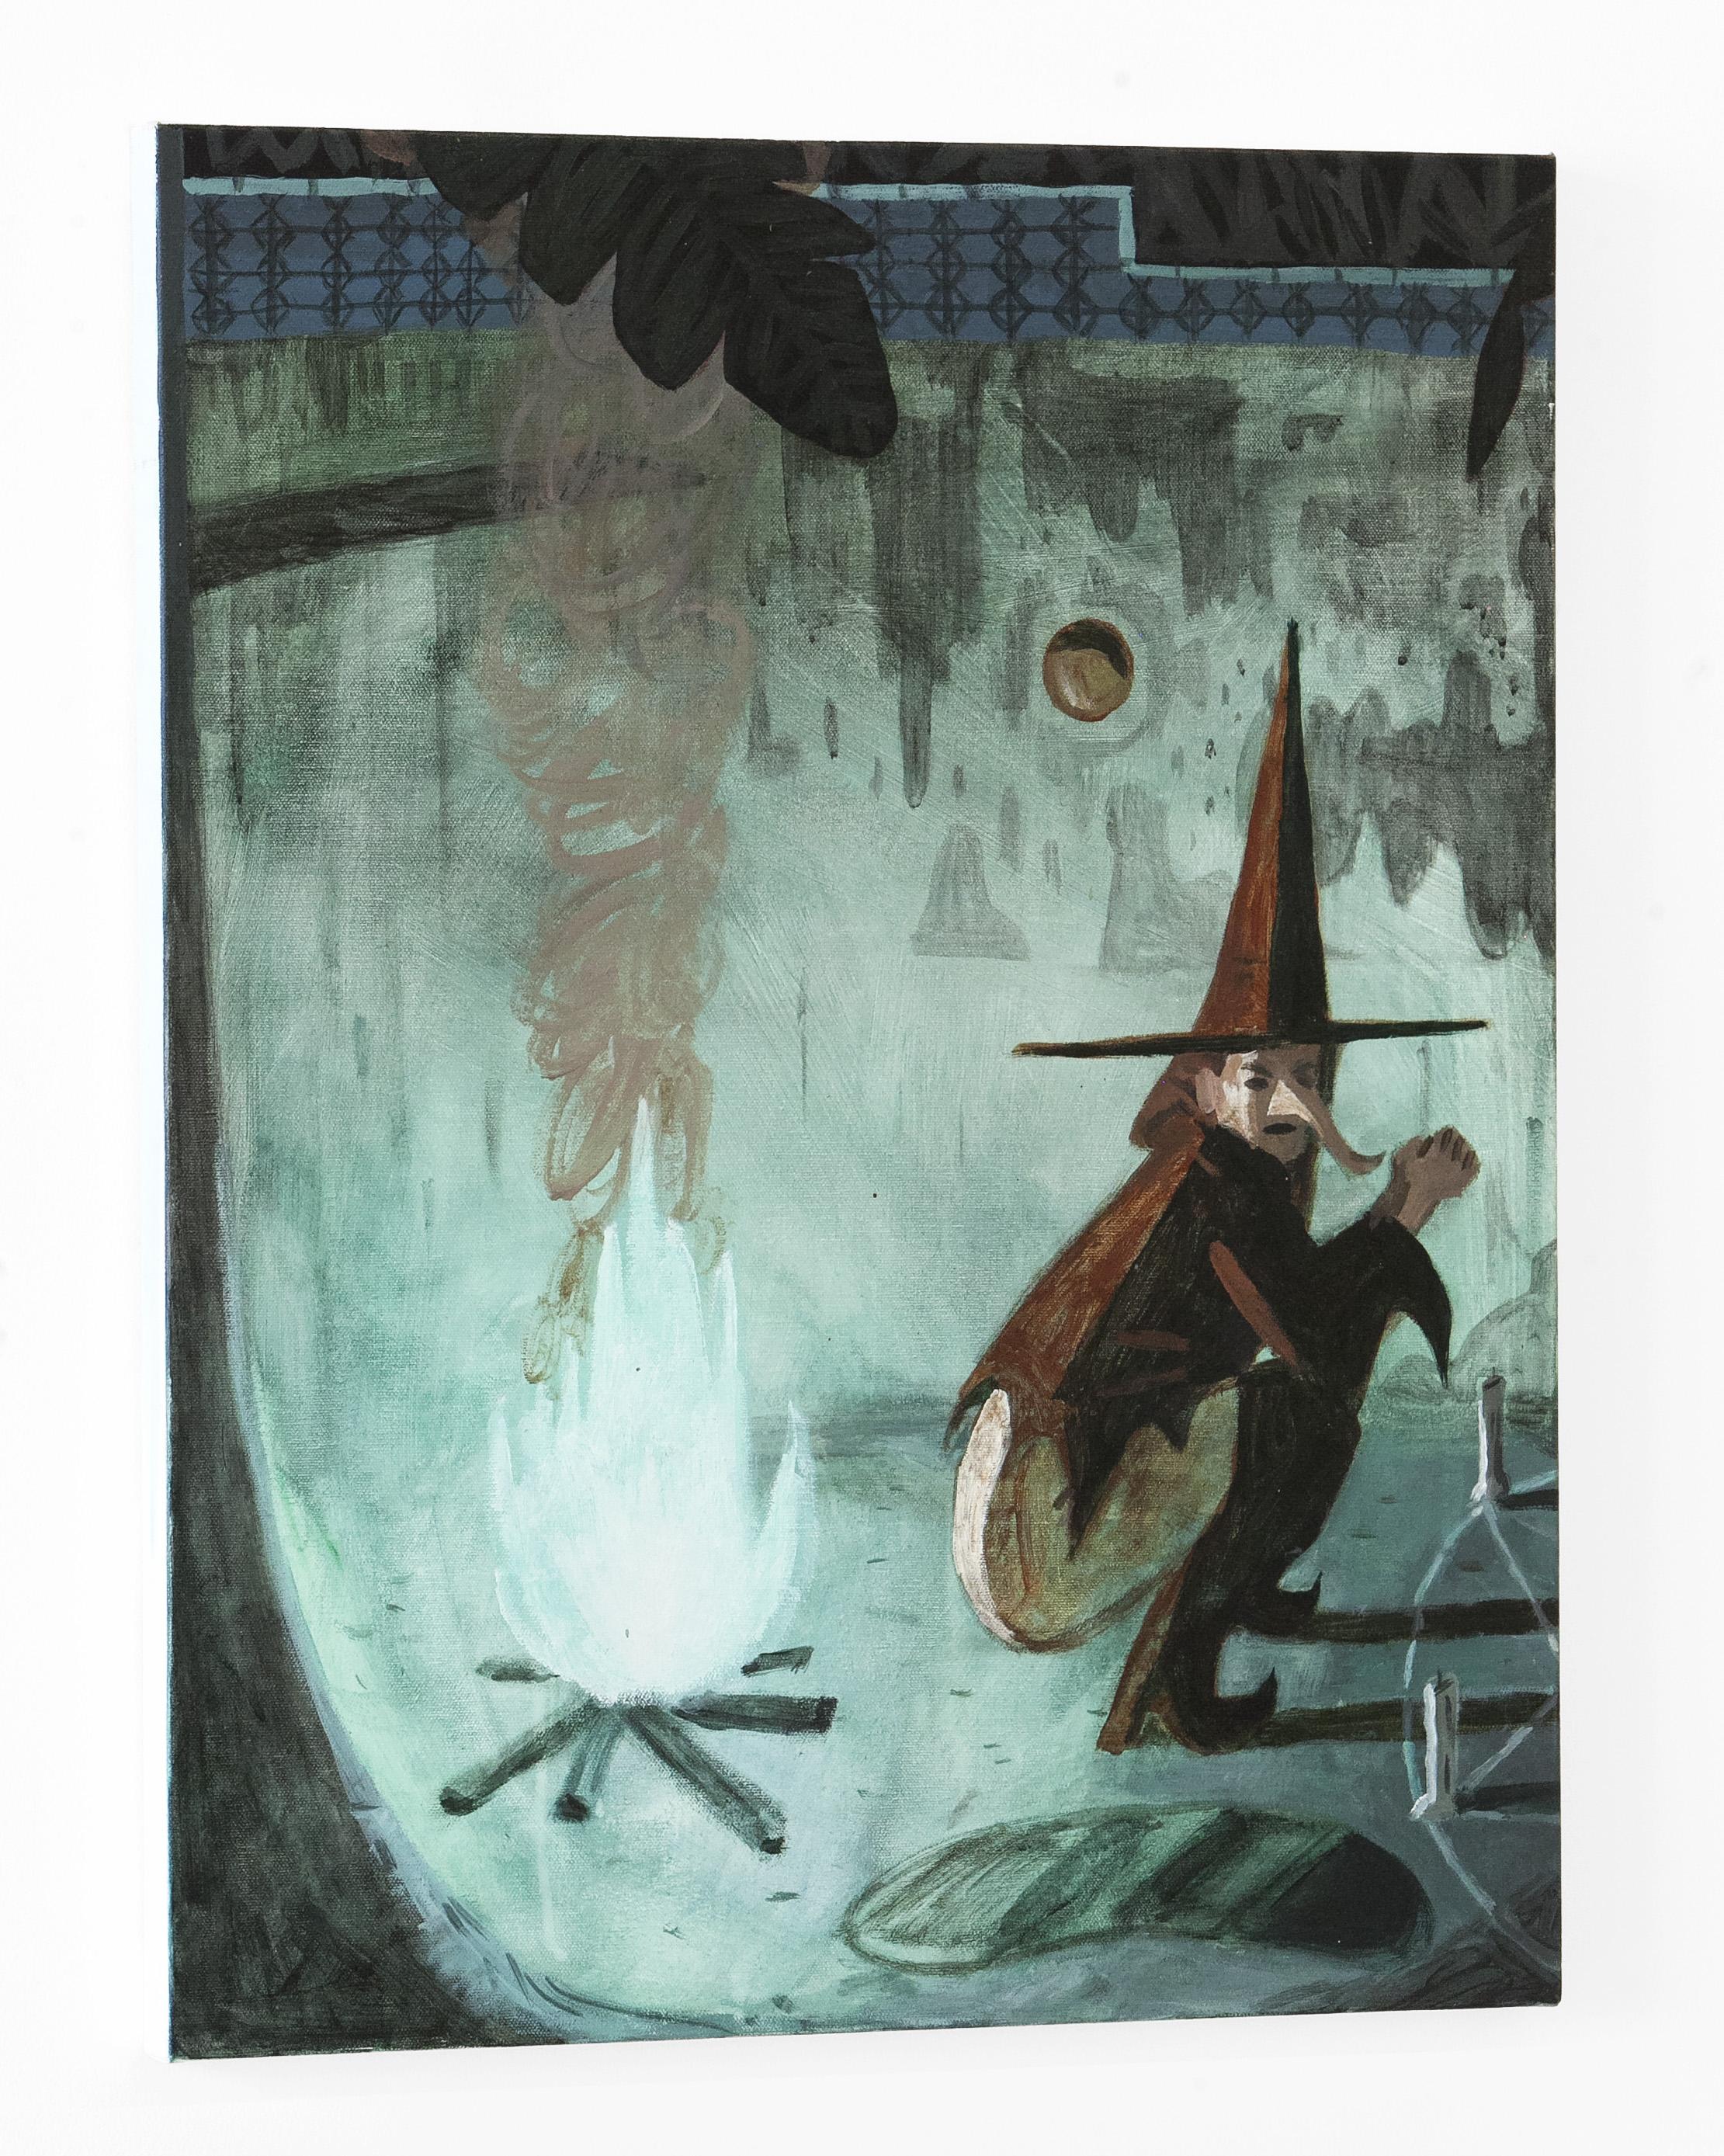 woodrowwhite_witch_3.jpg